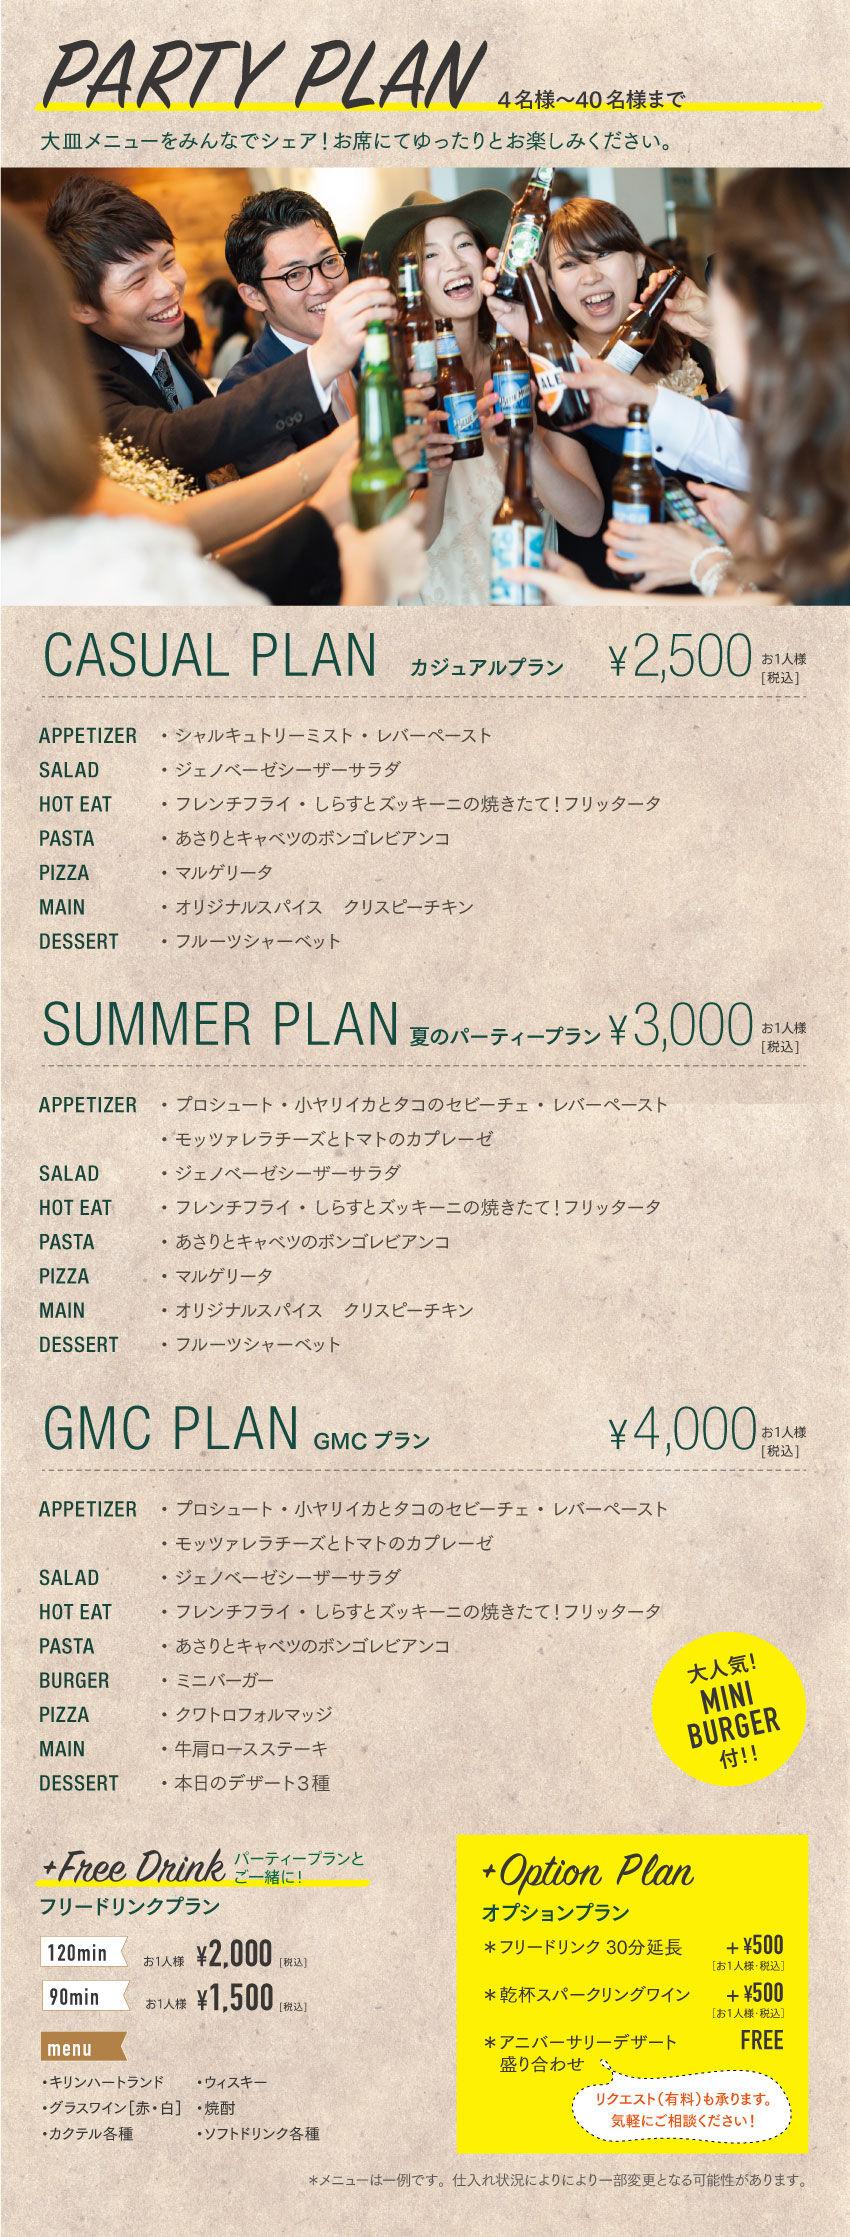 gmcn_1806_summer.jpg